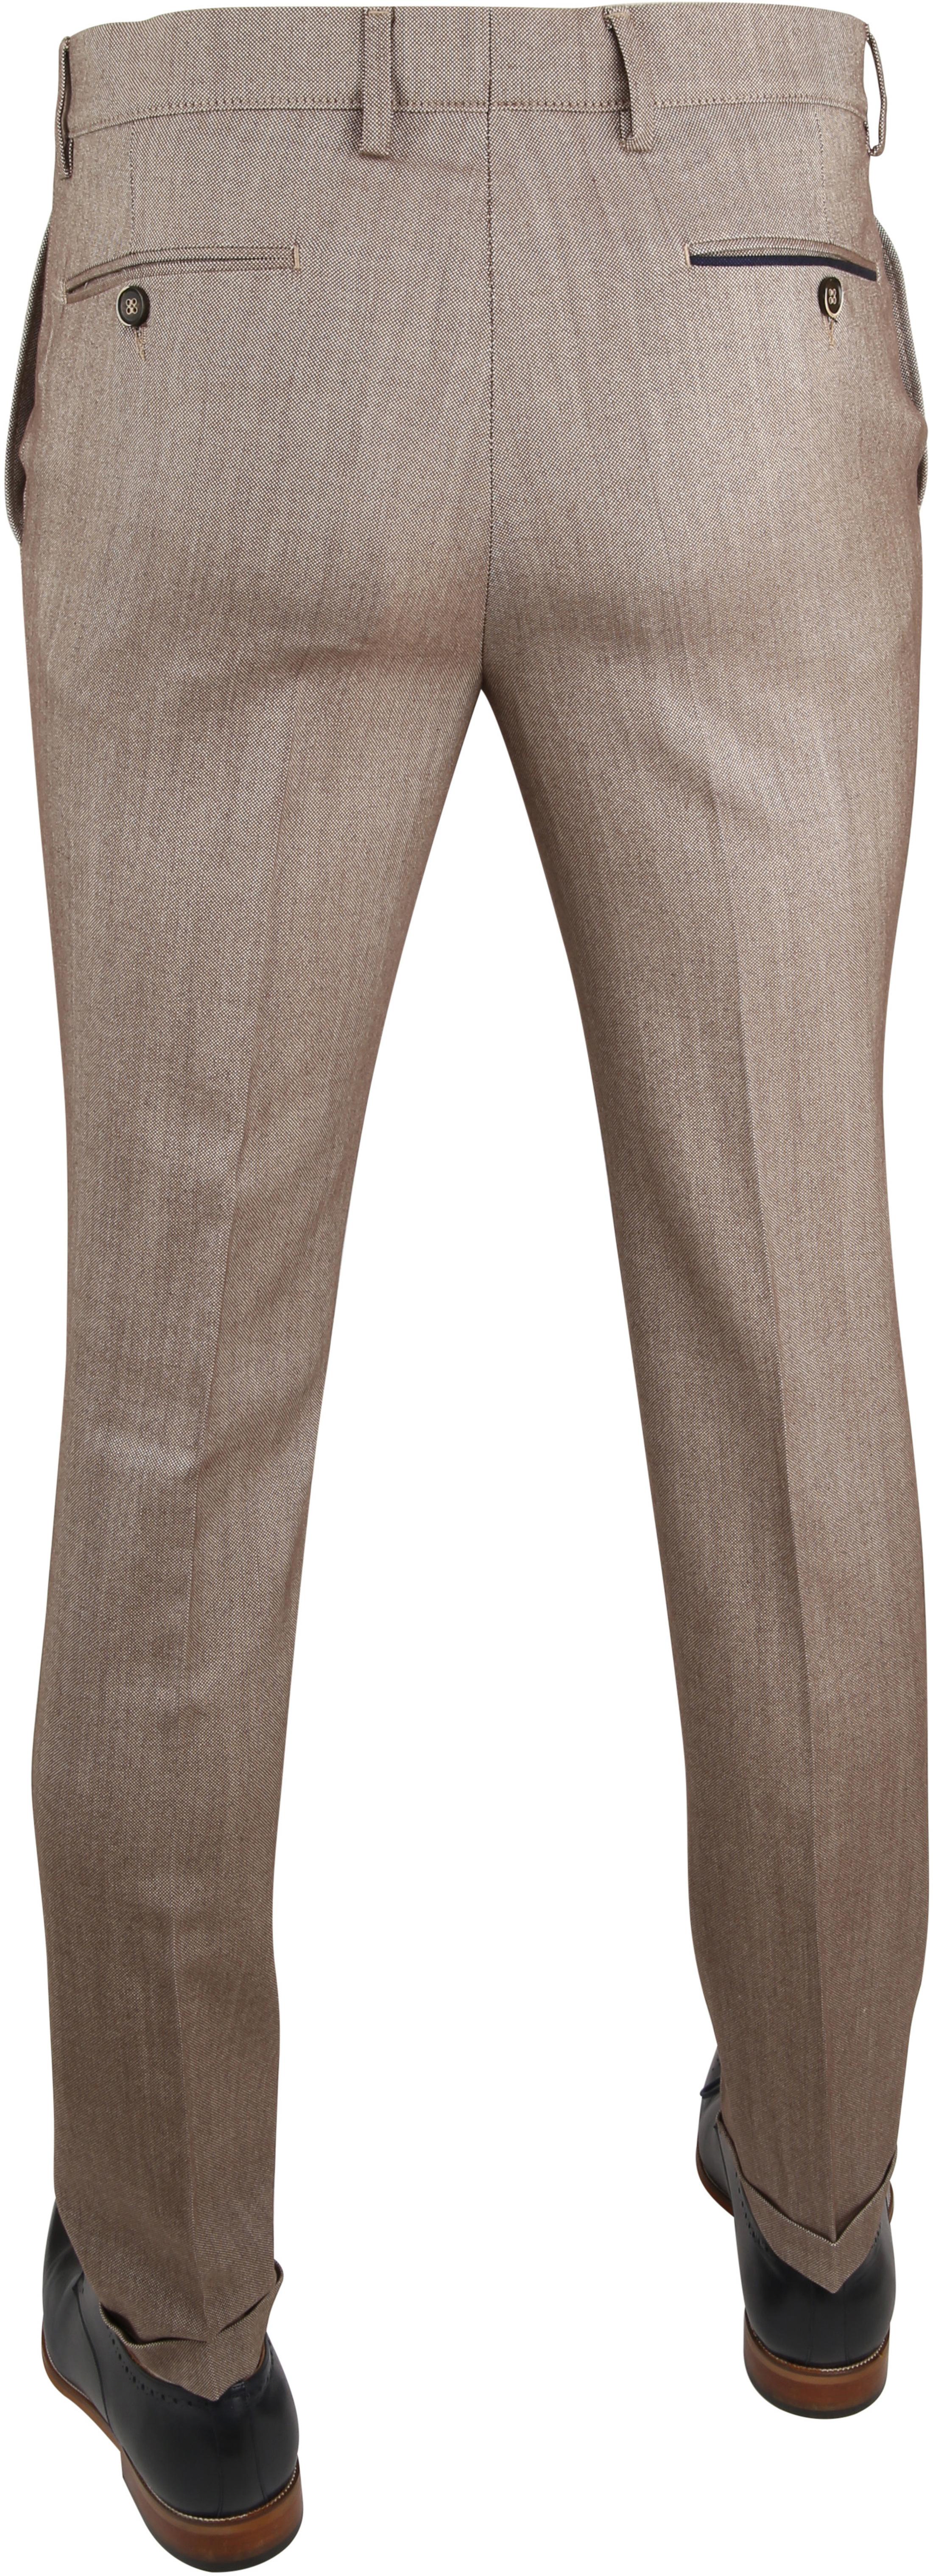 Suitable Premium Pants Rimini Brown foto 1